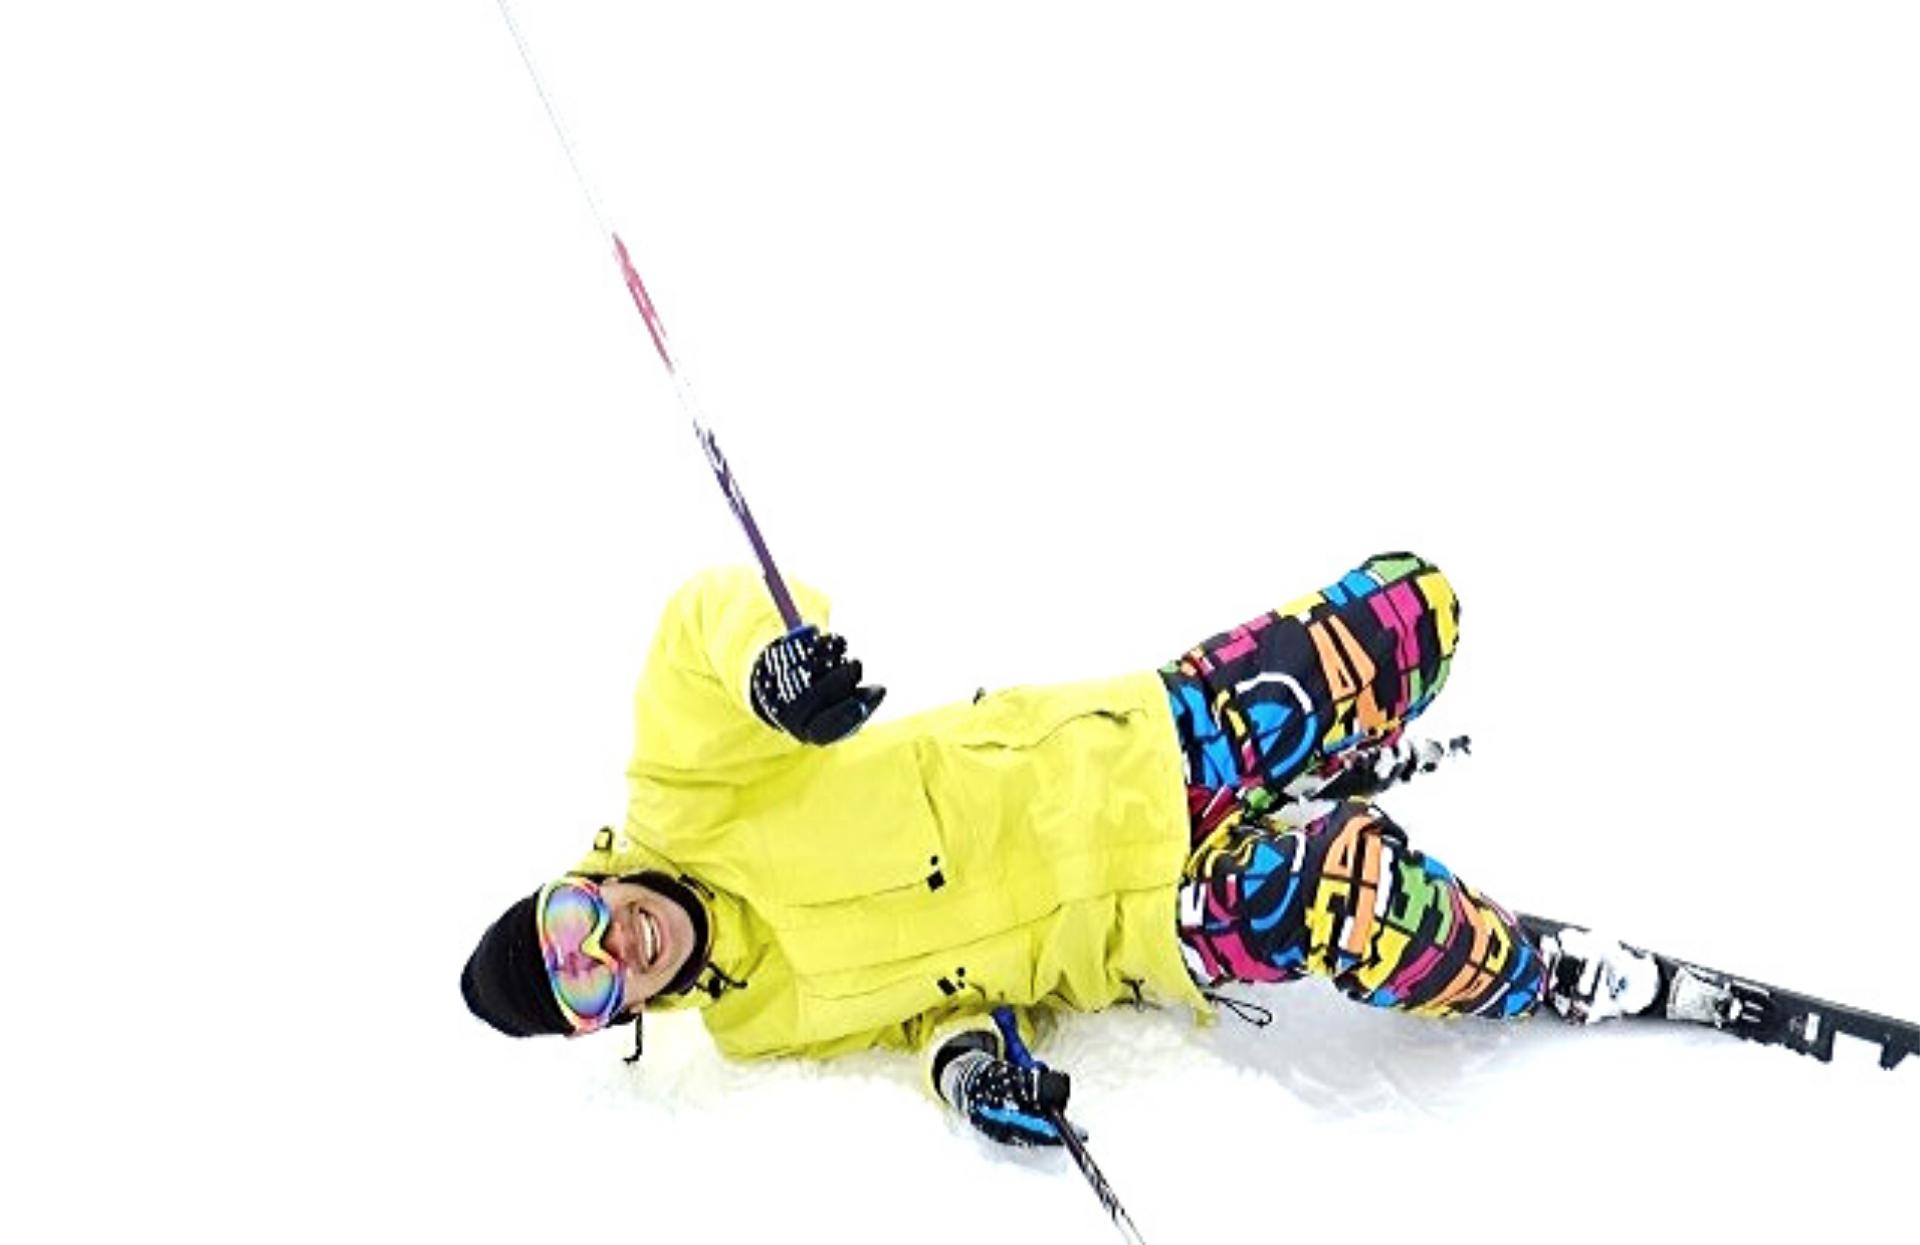 スキー転倒